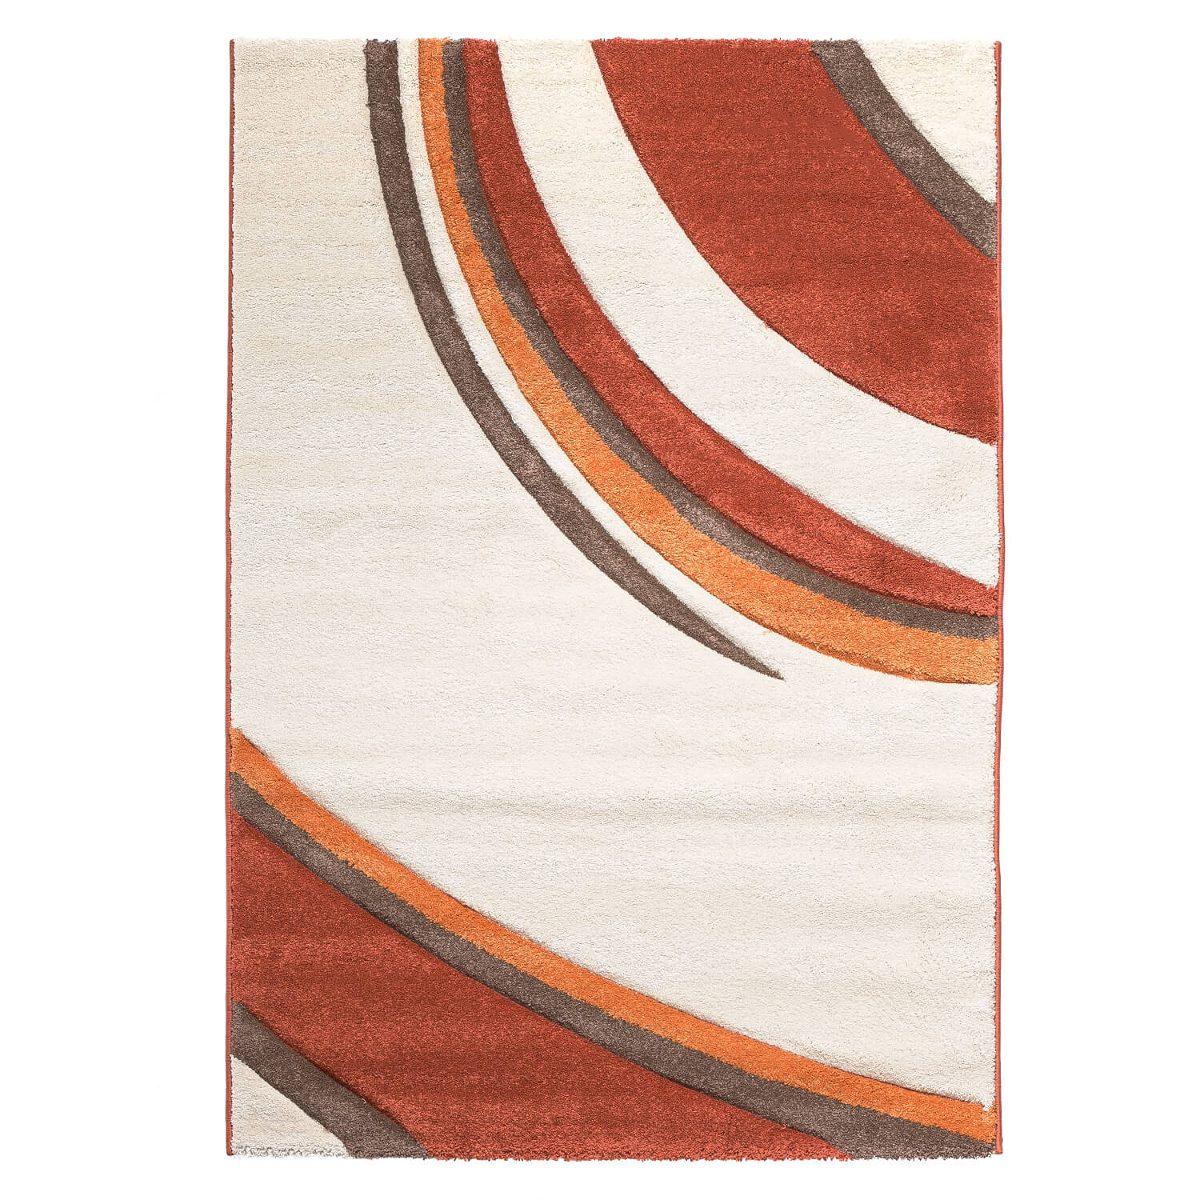 Alfombra Houston Curvas133x190 Mediana Crema Rojo Dib 59 190  # Muebles Dib Vina Del Mar